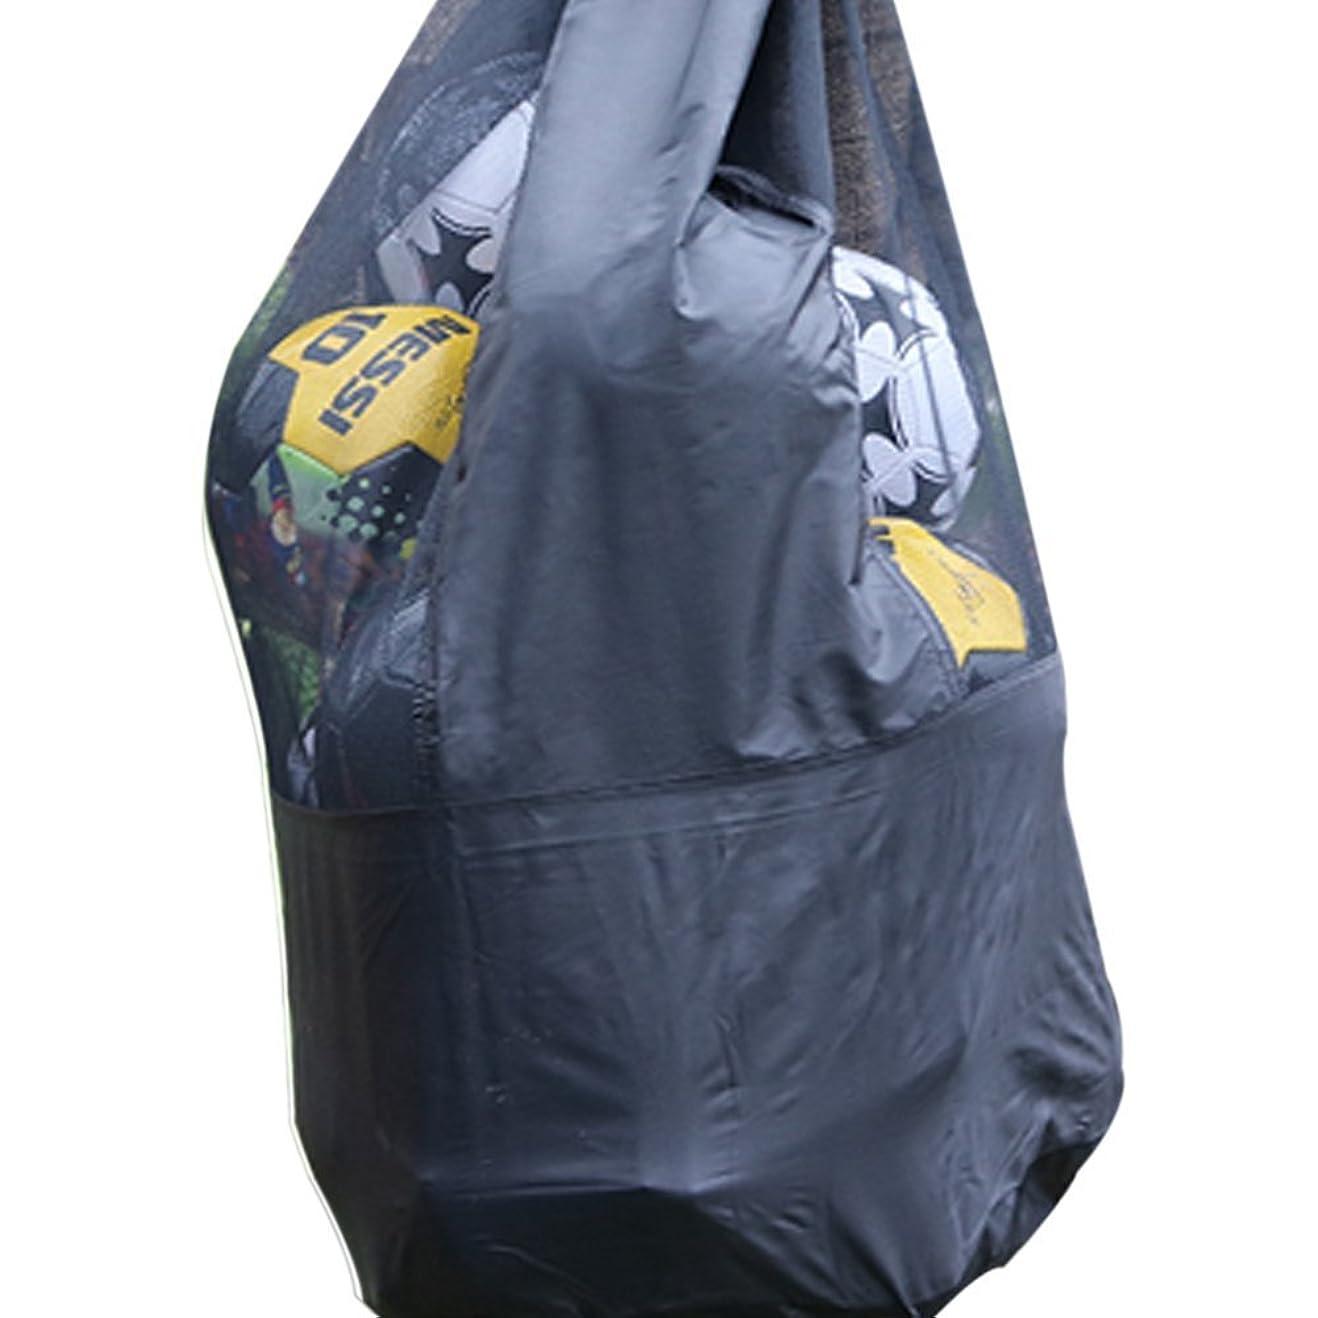 ライド現実的ながらIKENOKOI バスケットボール/サッカーボールバッグ ボールケース 大容量 収納バッグ 十数個入れ 防水 肩掛け 学生 部活 練習